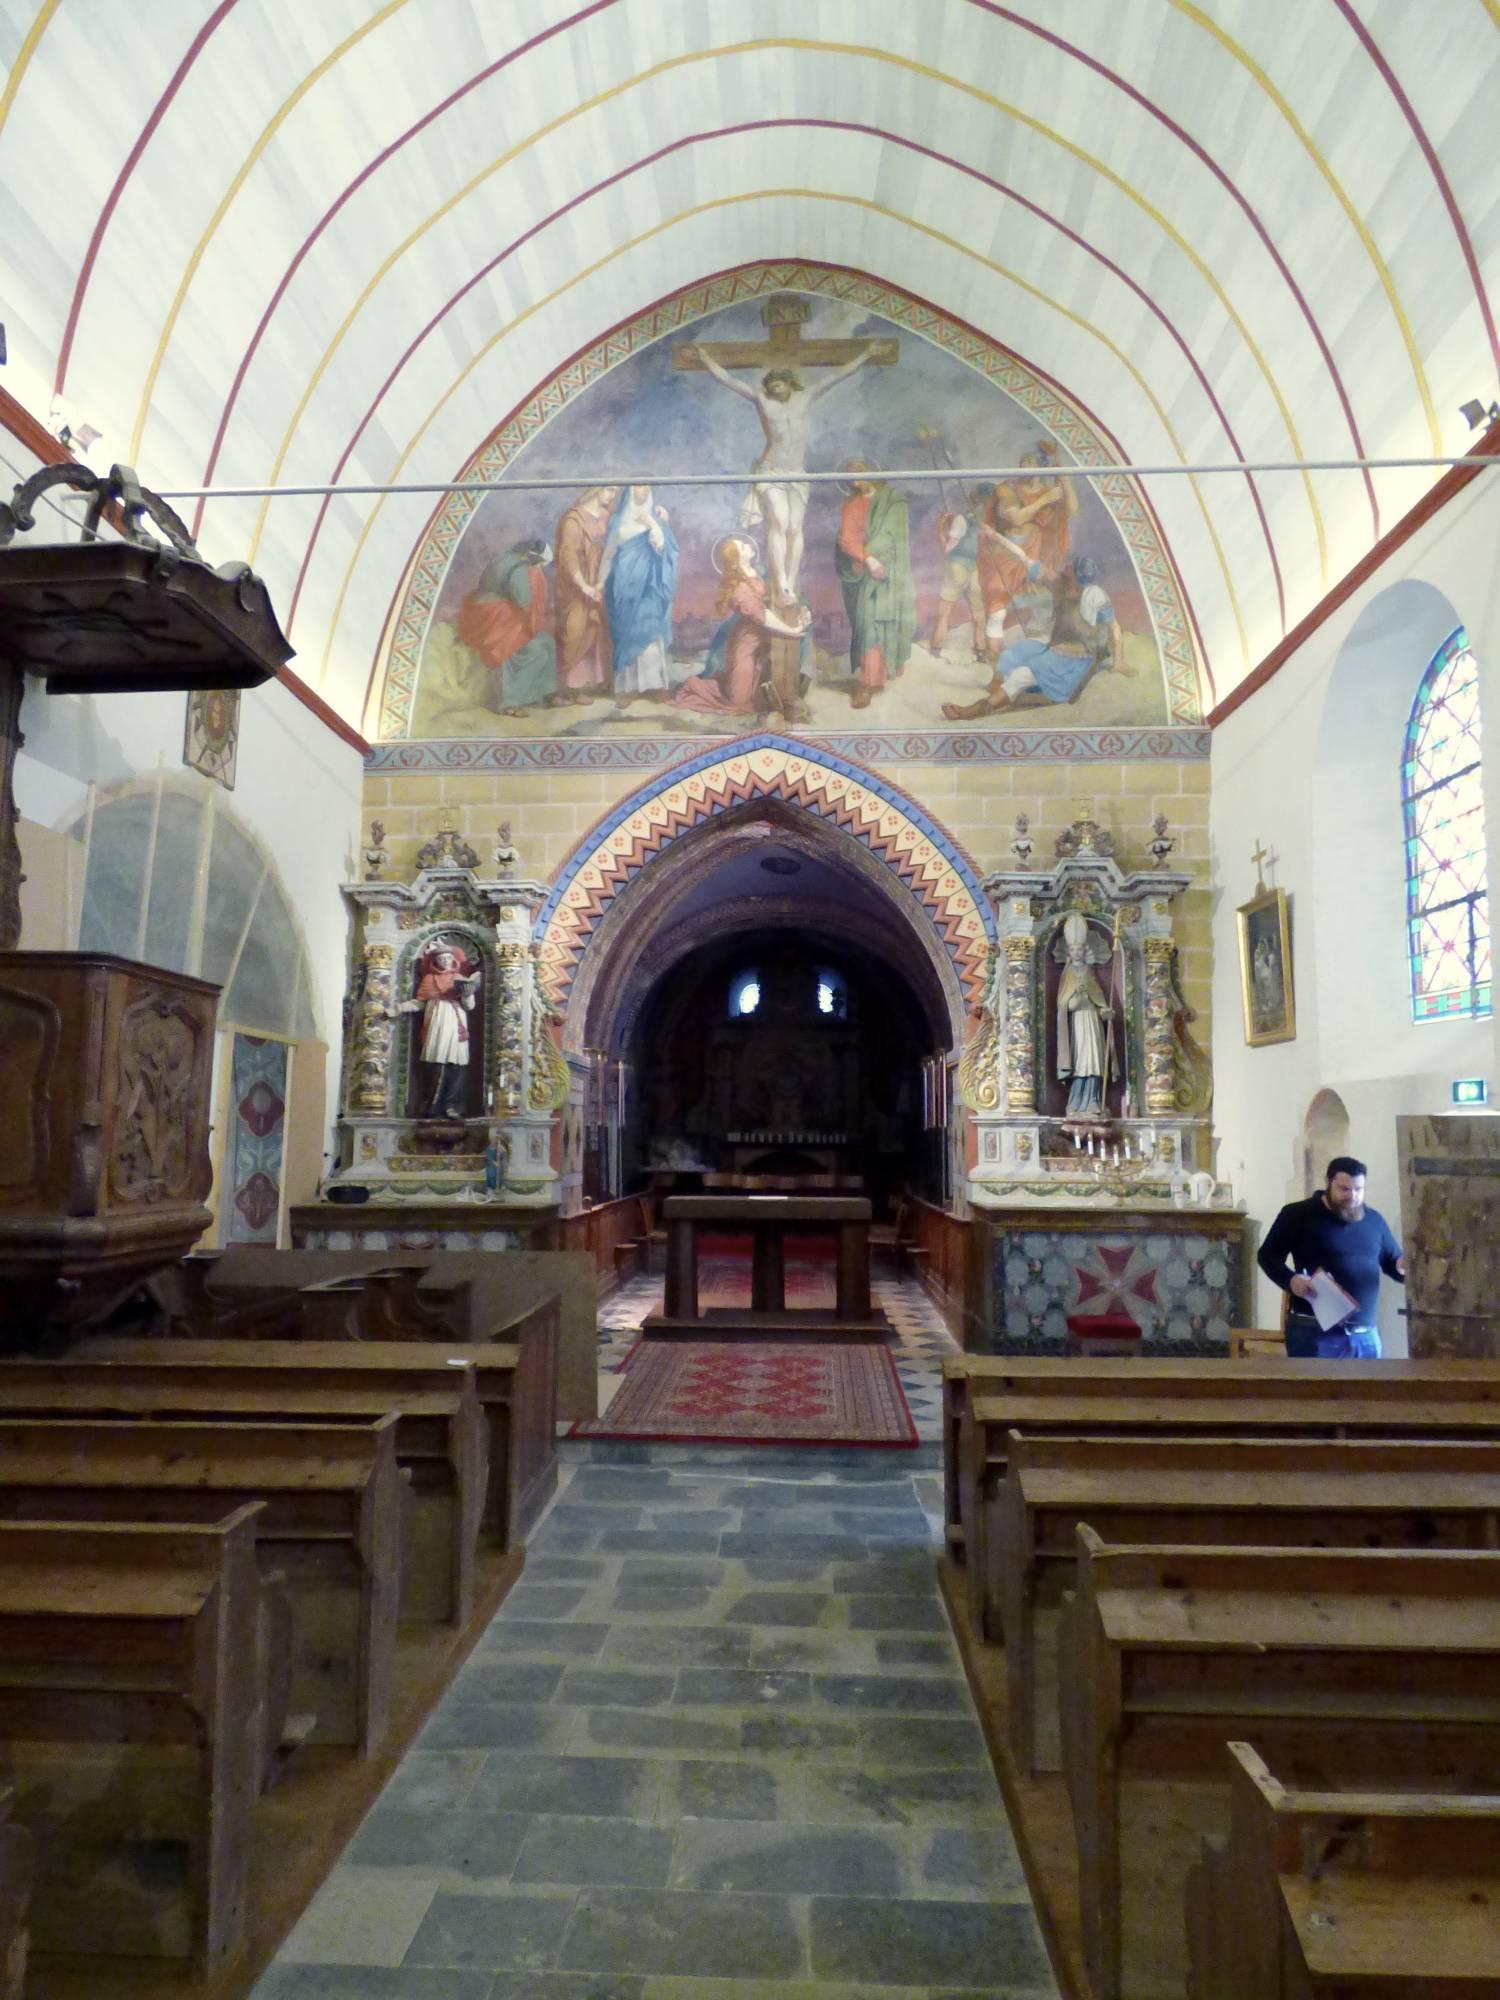 Auvillars (14) - église Saint-Germain - La Sauvegarde de l'Art Français